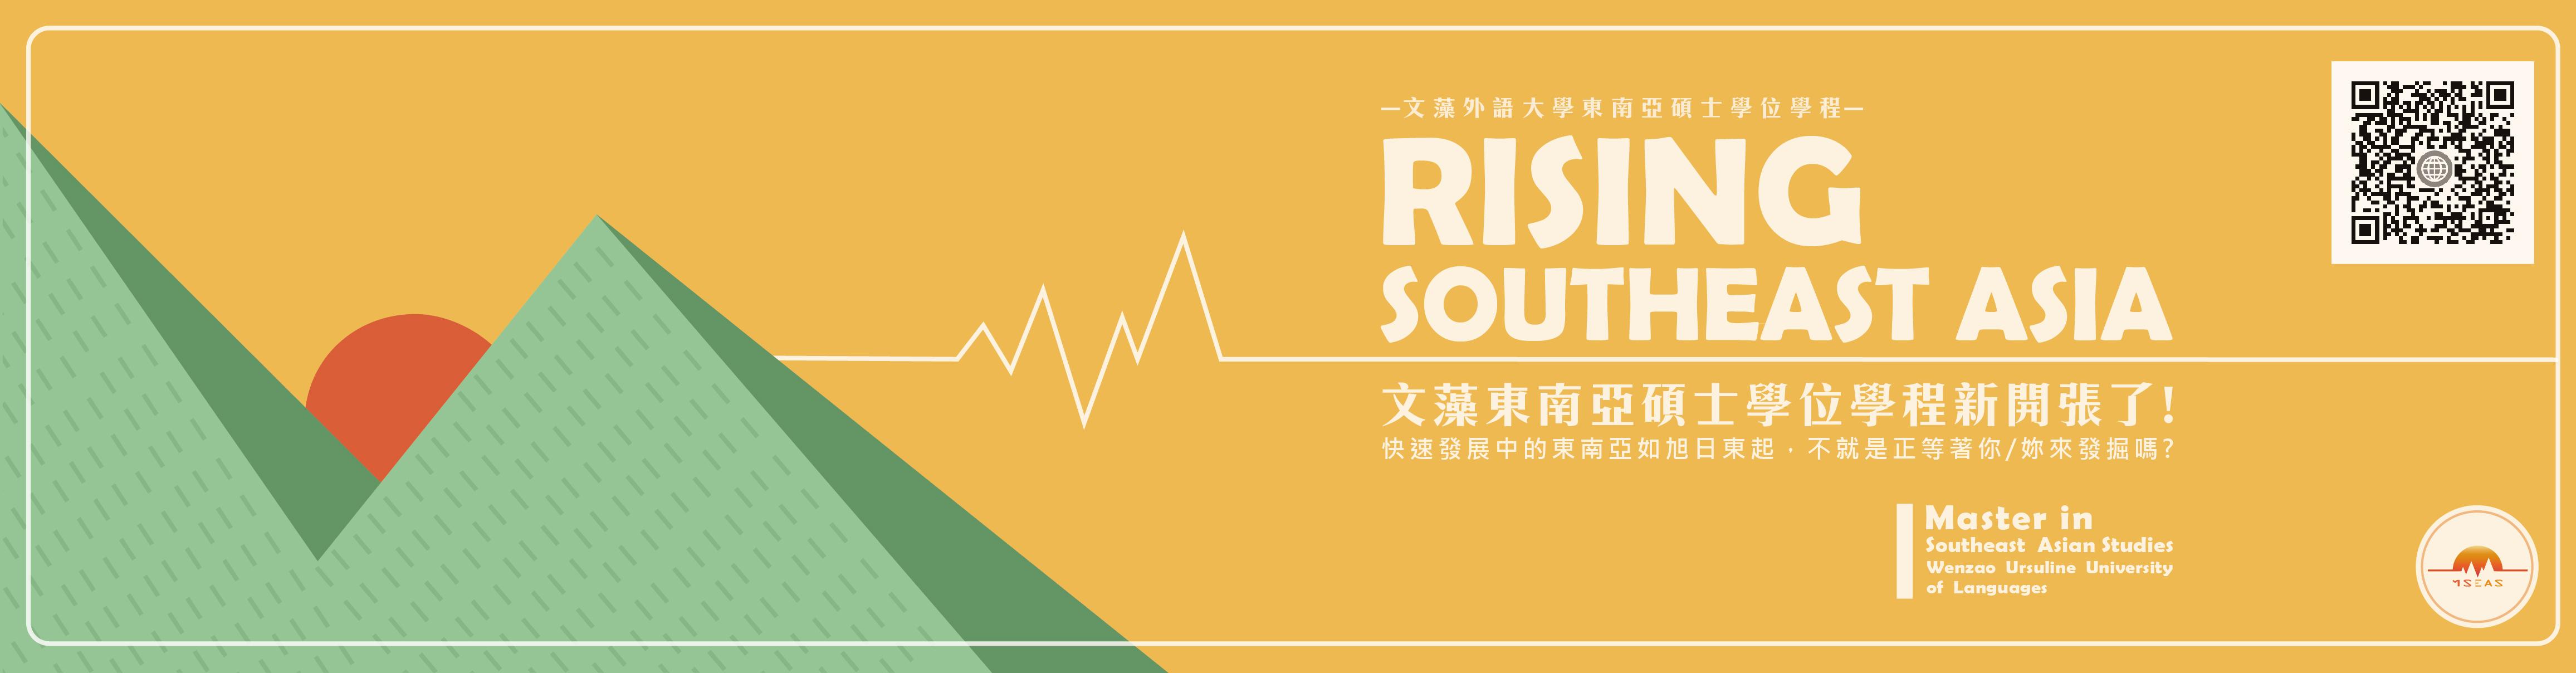 東南亞碩士學位學程banner(另開新視窗)